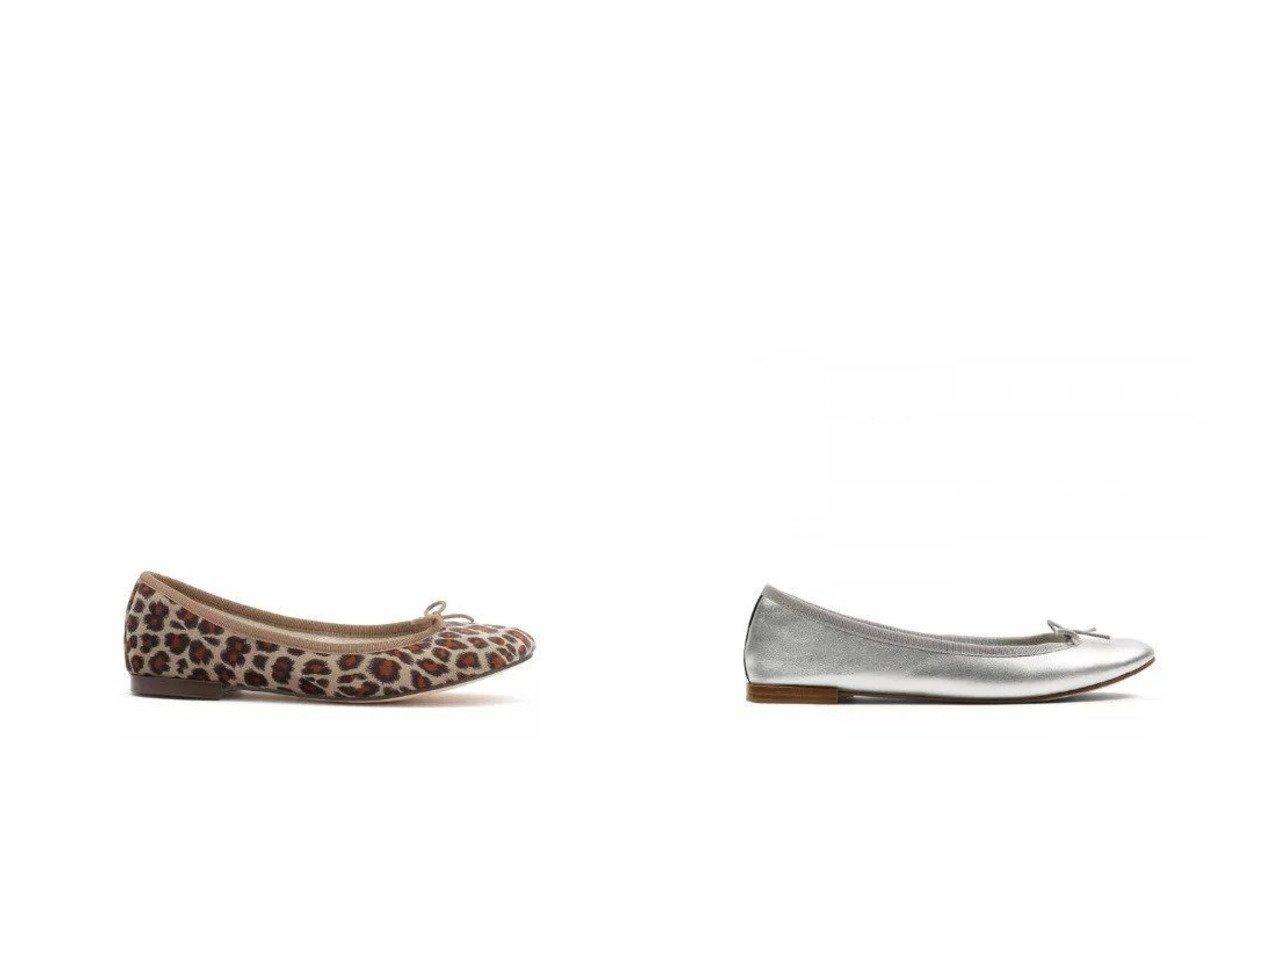 【repetto/レペット】のCendrillon Ballerinas&Cendrillon Ballerinas 【シューズ・靴】おすすめ!人気、トレンド・レディースファッションの通販   おすすめで人気の流行・トレンド、ファッションの通販商品 インテリア・家具・メンズファッション・キッズファッション・レディースファッション・服の通販 founy(ファニー) https://founy.com/ ファッション Fashion レディースファッション WOMEN アニマル コレクション シューズ シンプル バレエ フォルム フラット クラシカル スタイリッシュ モダン |ID:crp329100000058847